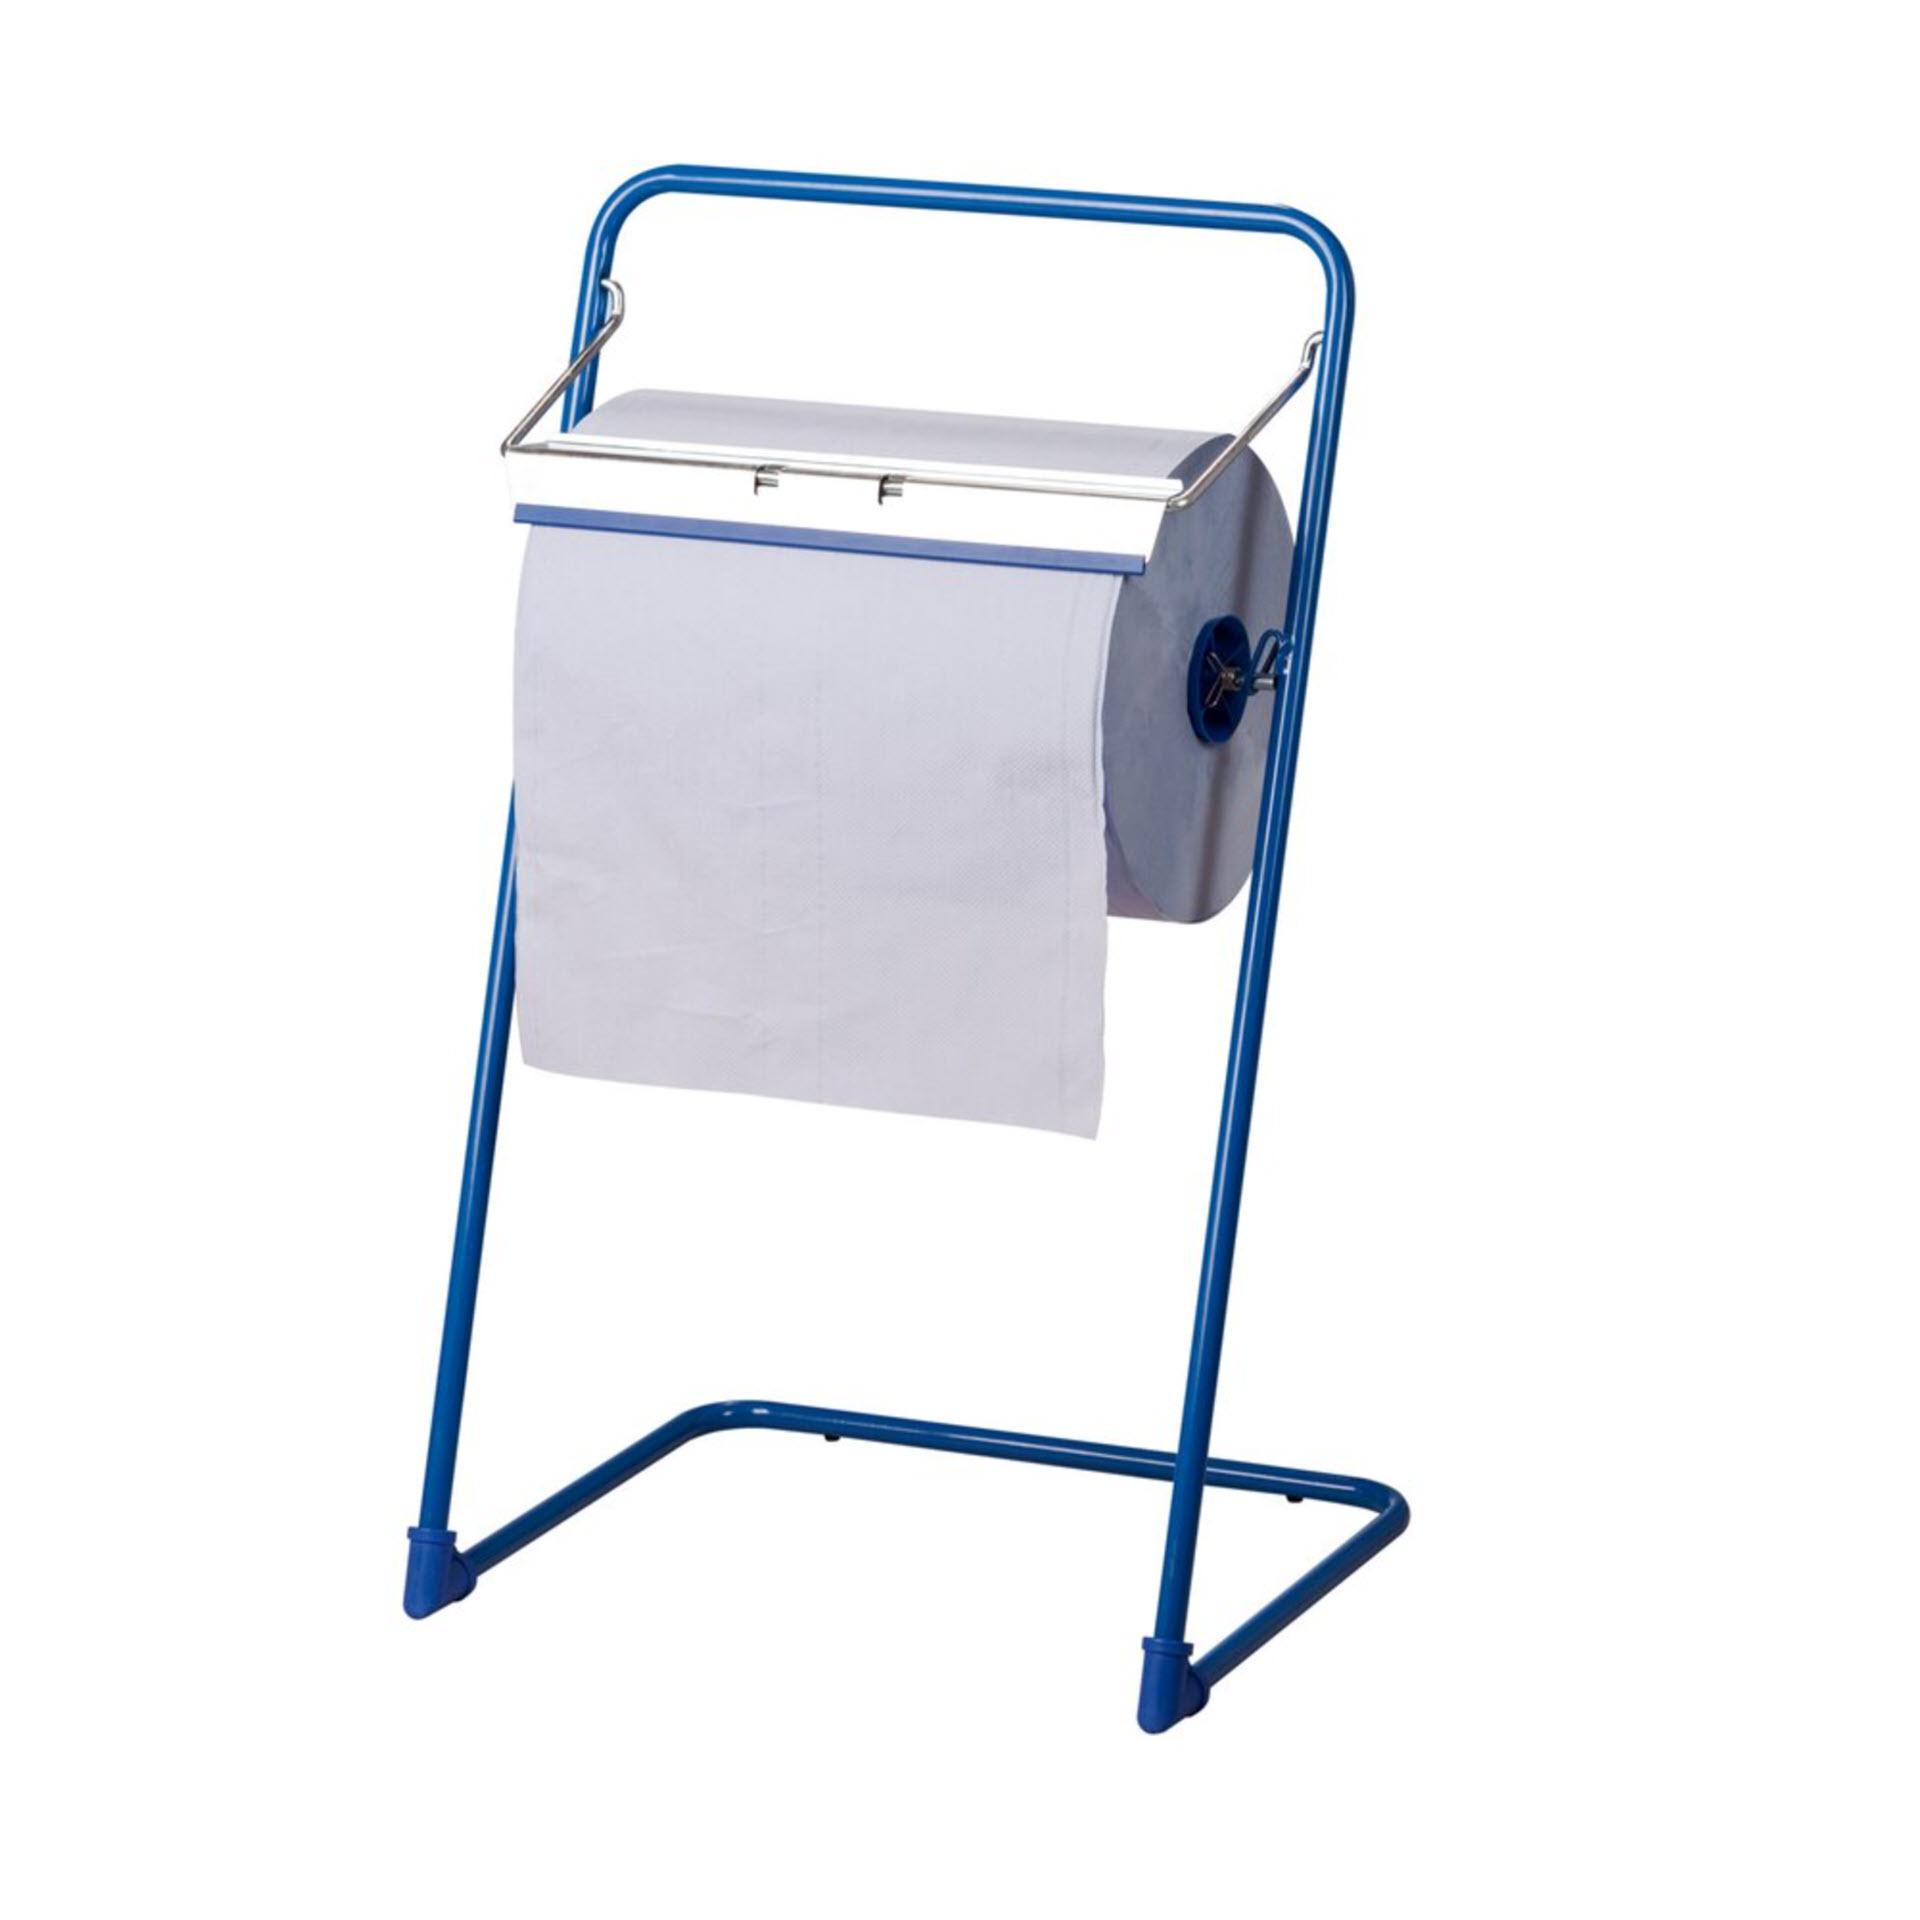 ELOS Industrial Floor Dispenser - Bodenständer Metall für Katrin Putzrollen bis 40 cm - 960641